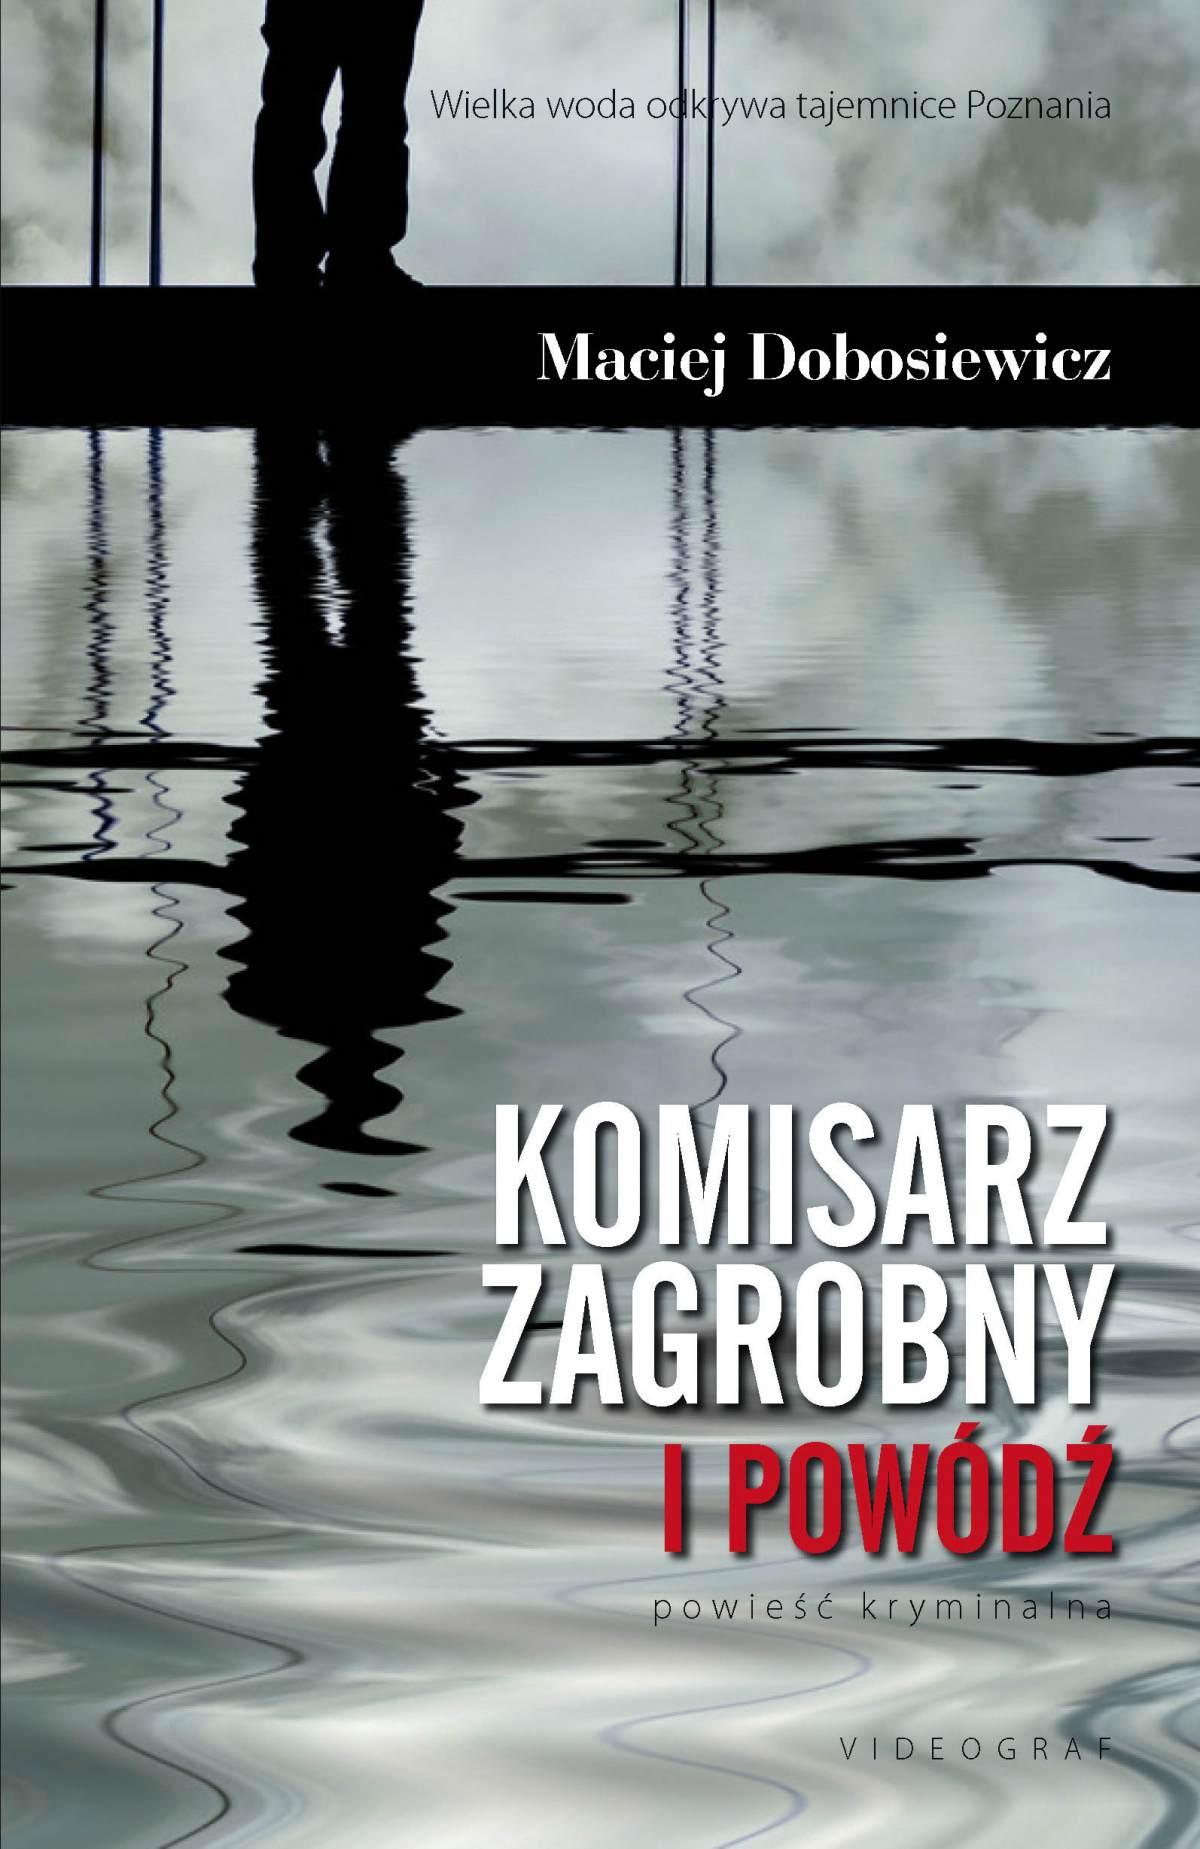 Komisarz Zagrobny i powódź - Ebook (Książka na Kindle) do pobrania w formacie MOBI